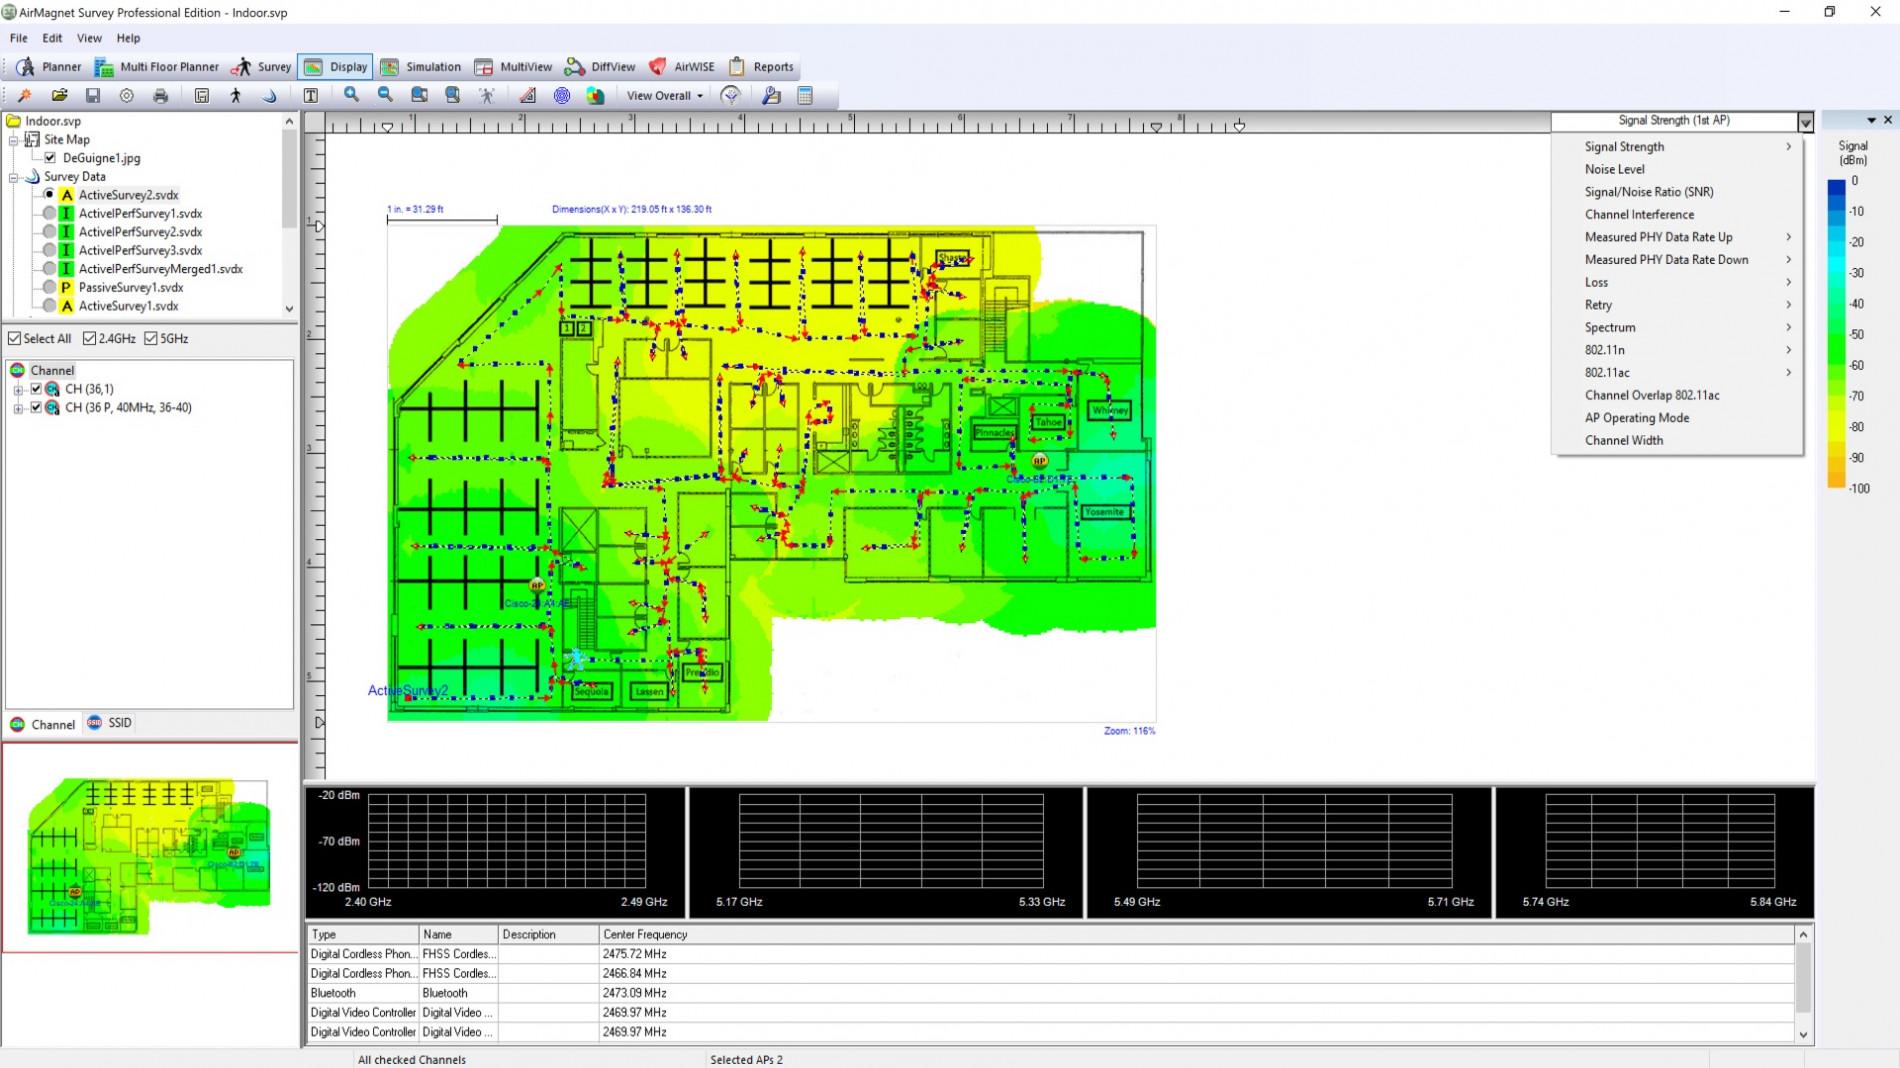 Обследование сетей 802.11 - AirMagnet